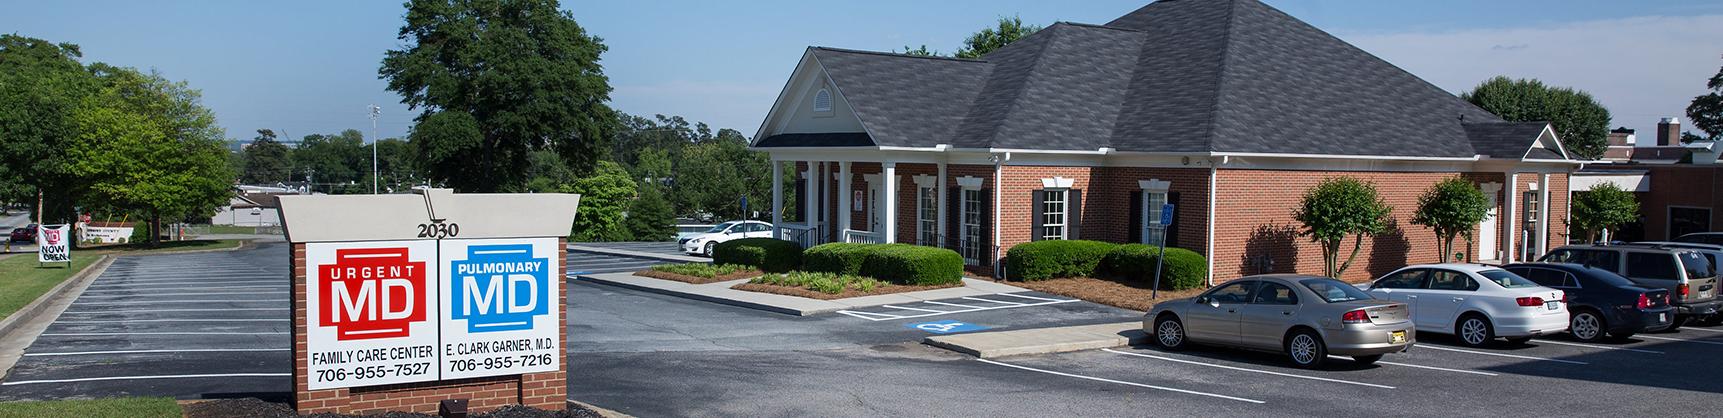 Urgent MD - Augusta, GA